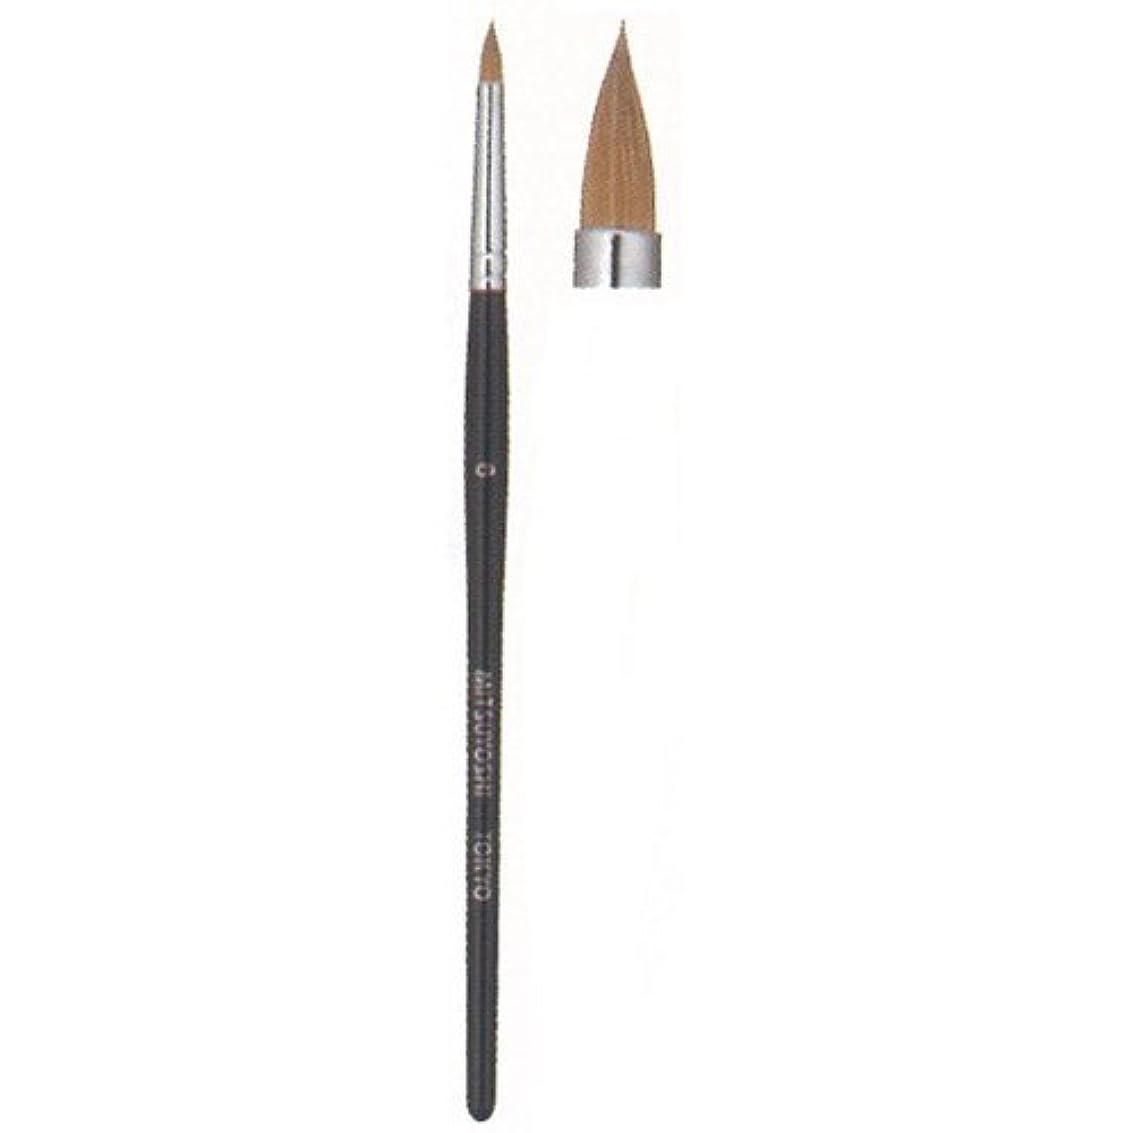 匹敵します程度ペニー三善 プロフェッショナルメイクアップブラシ 紅筆?6R 丸 イタチ毛使用 コシの強さ?細かい毛先(H)(C)